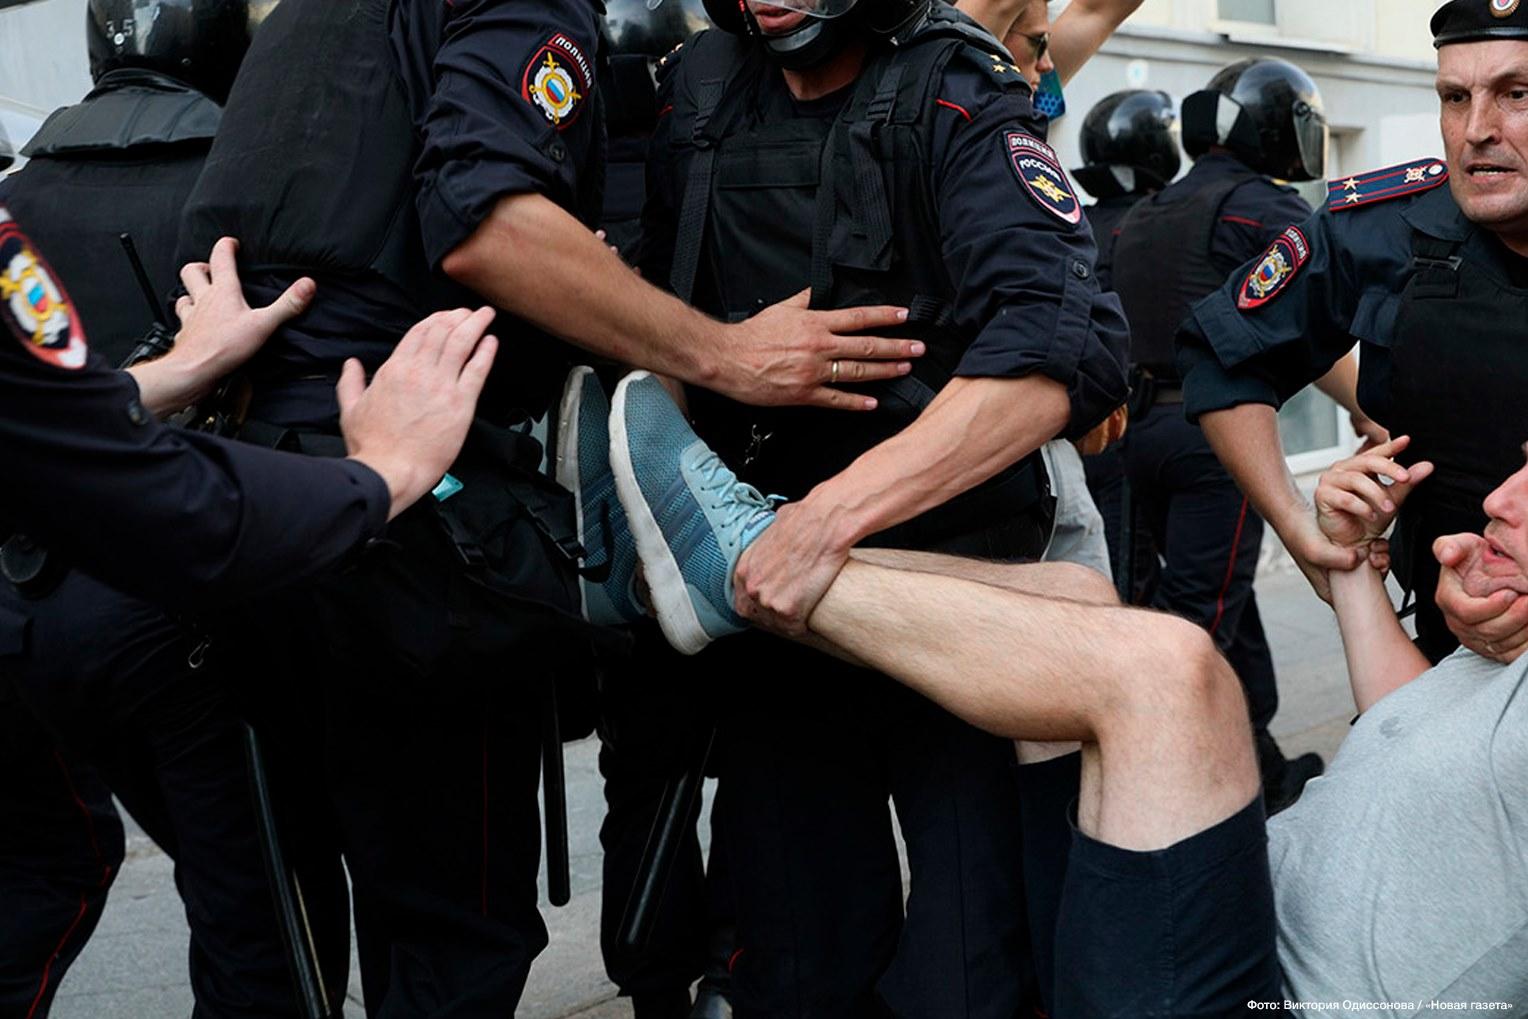 применение табельного оружия сотрудниками полиции